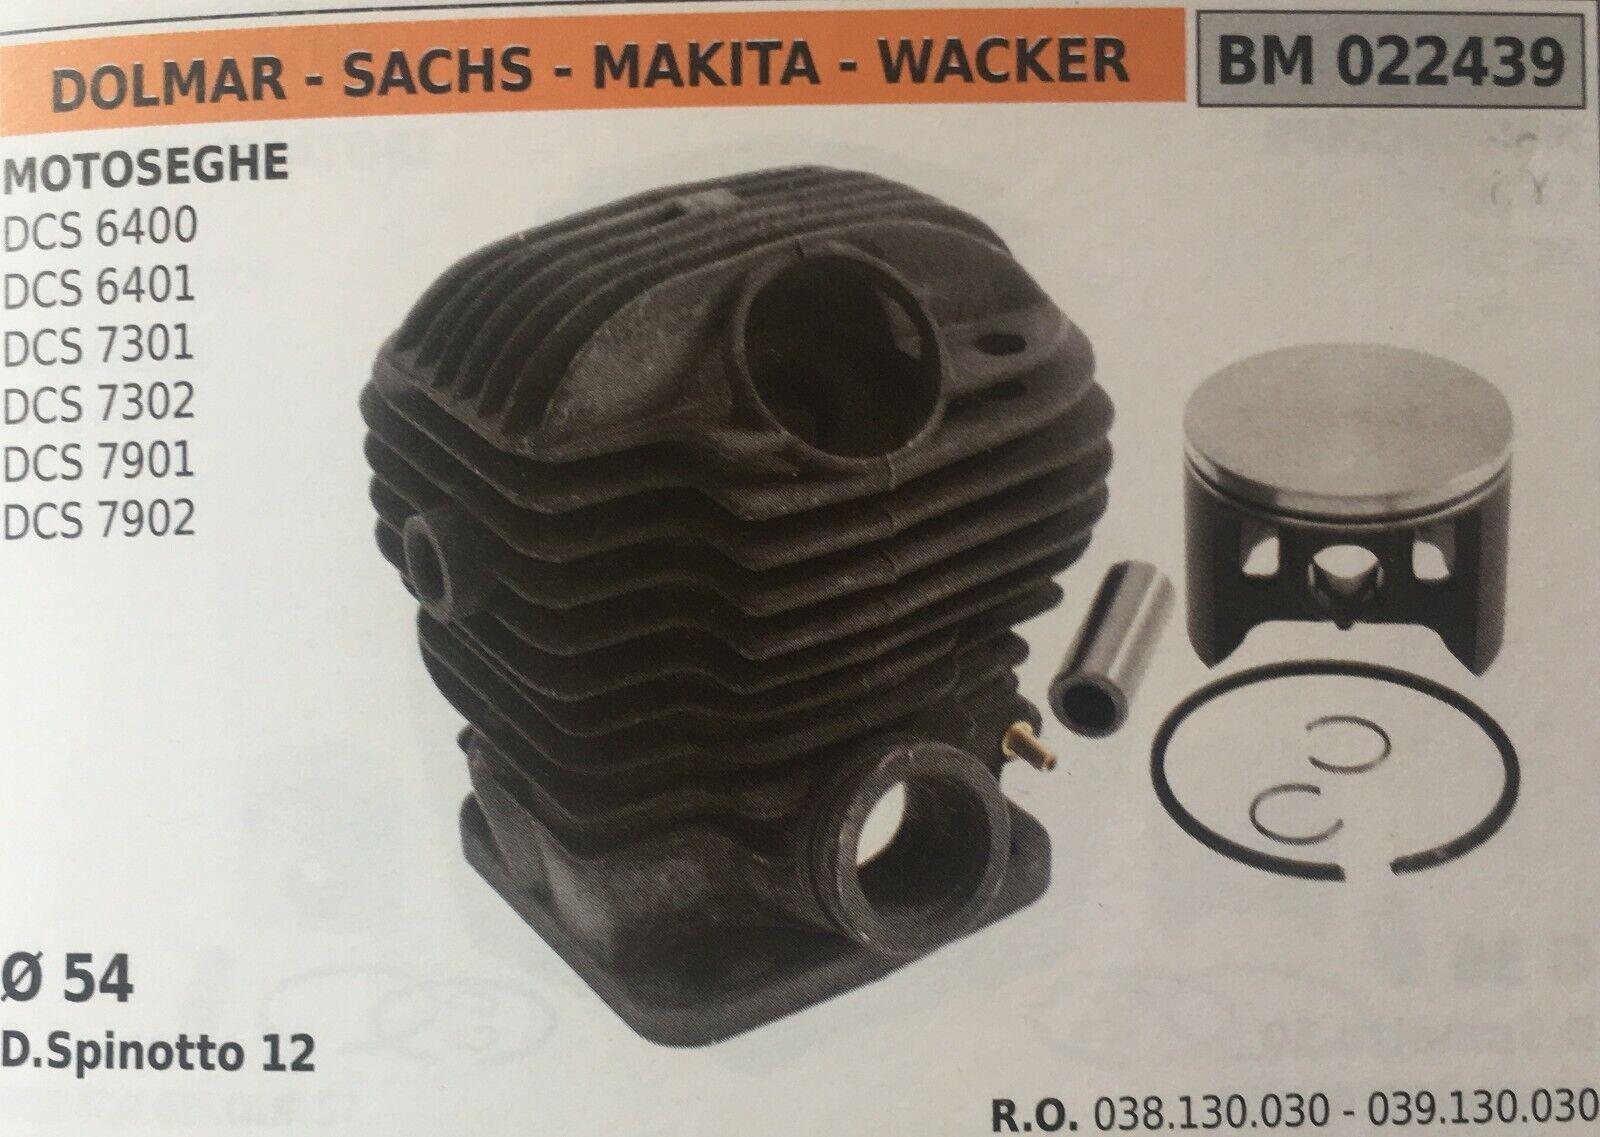 Zylinder Komplett mit Kolben und Segmente Brumar BM022439 Dolmar-Sachs Weitere